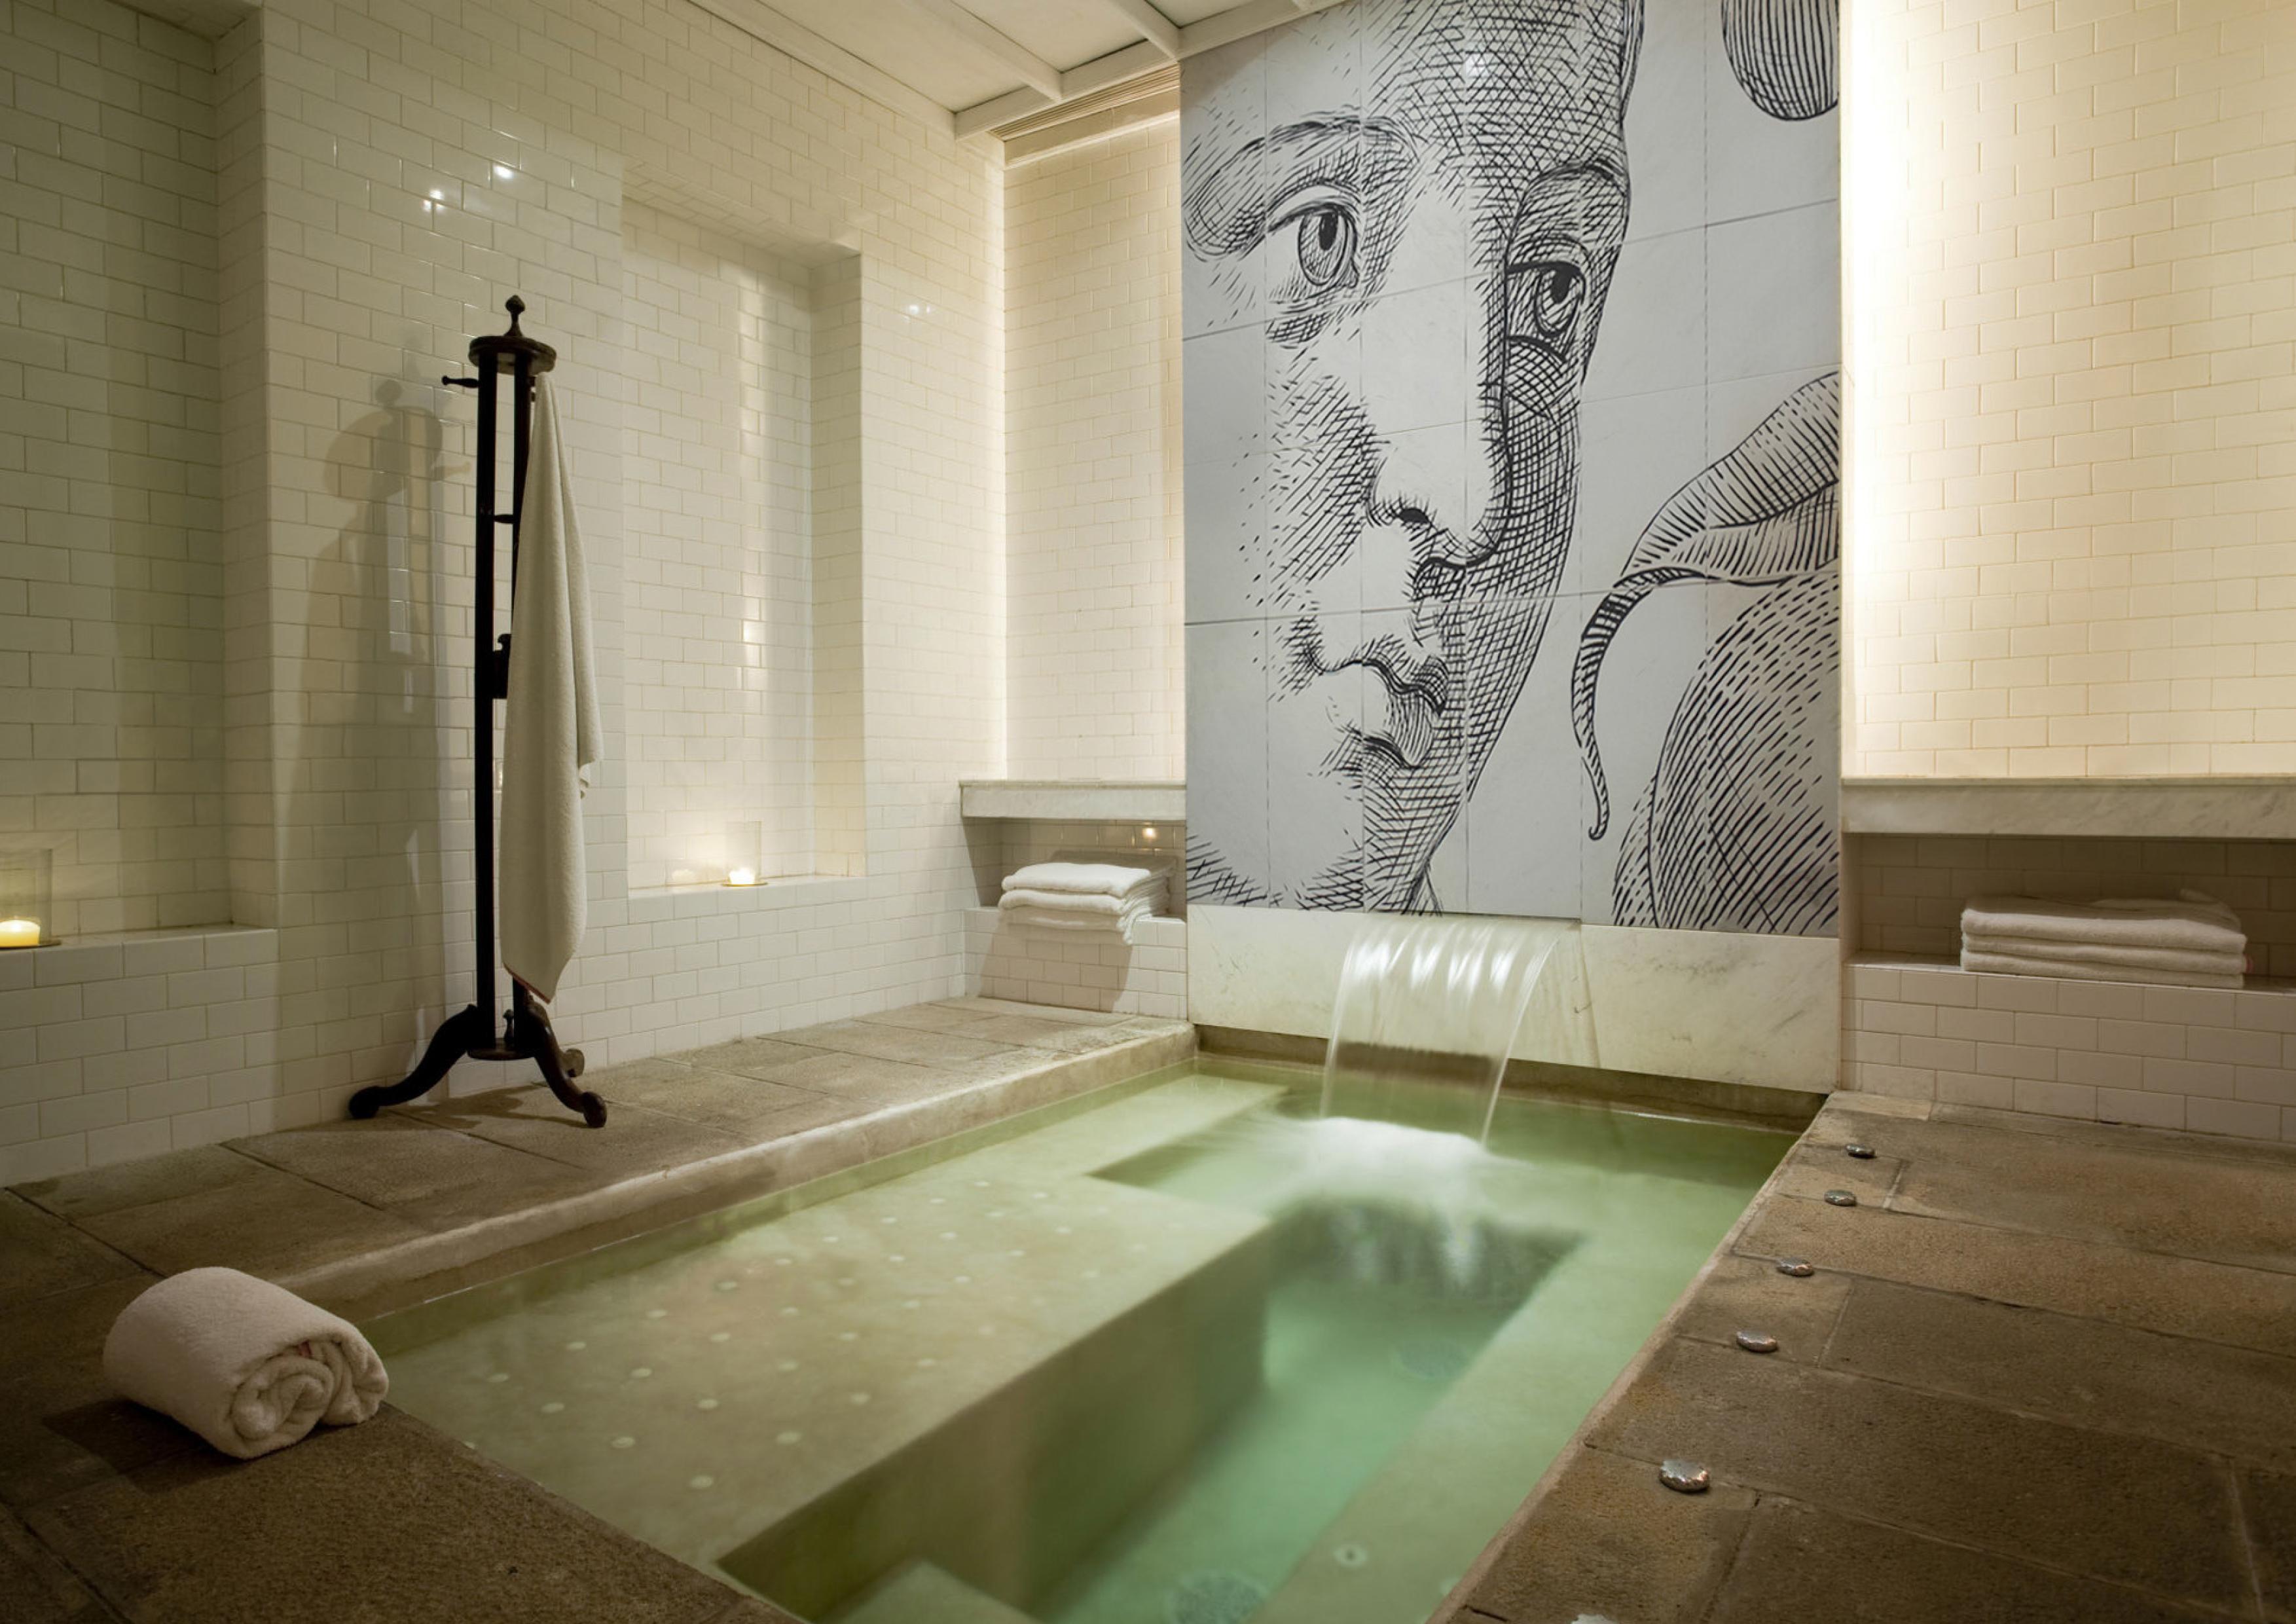 Mural de Bathco Atelier en spa de Florencia